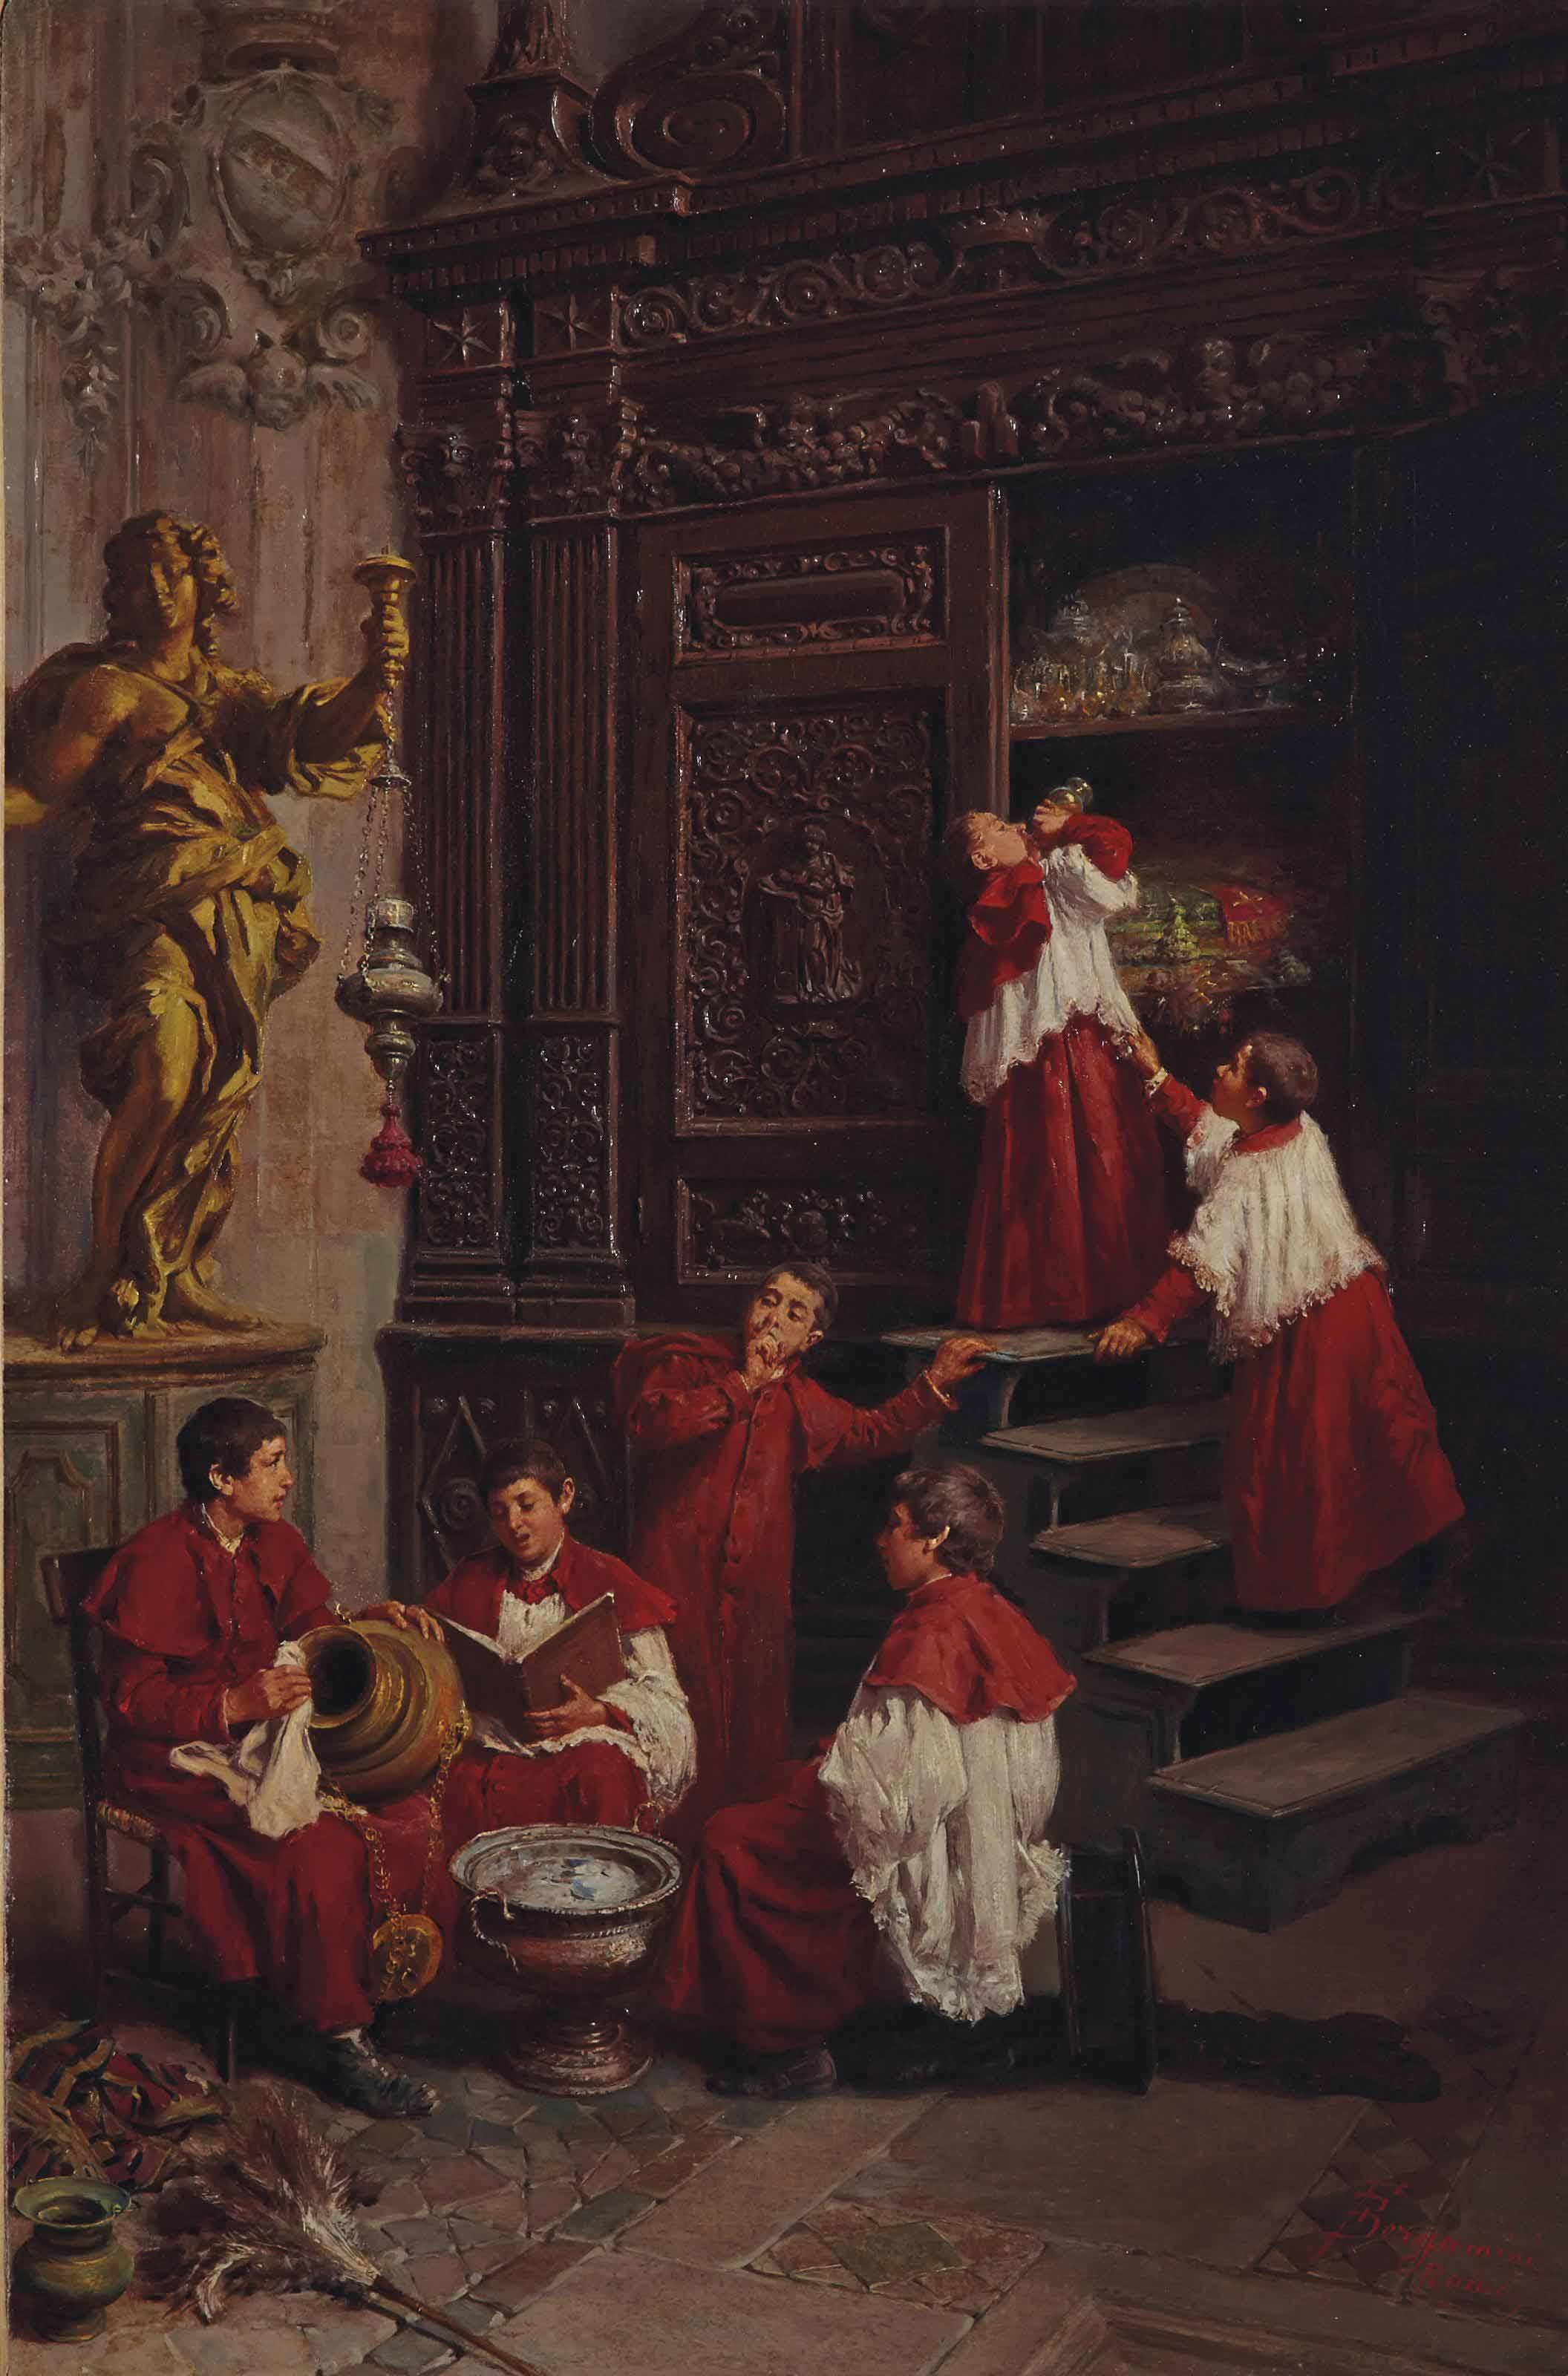 Dans la sacristie